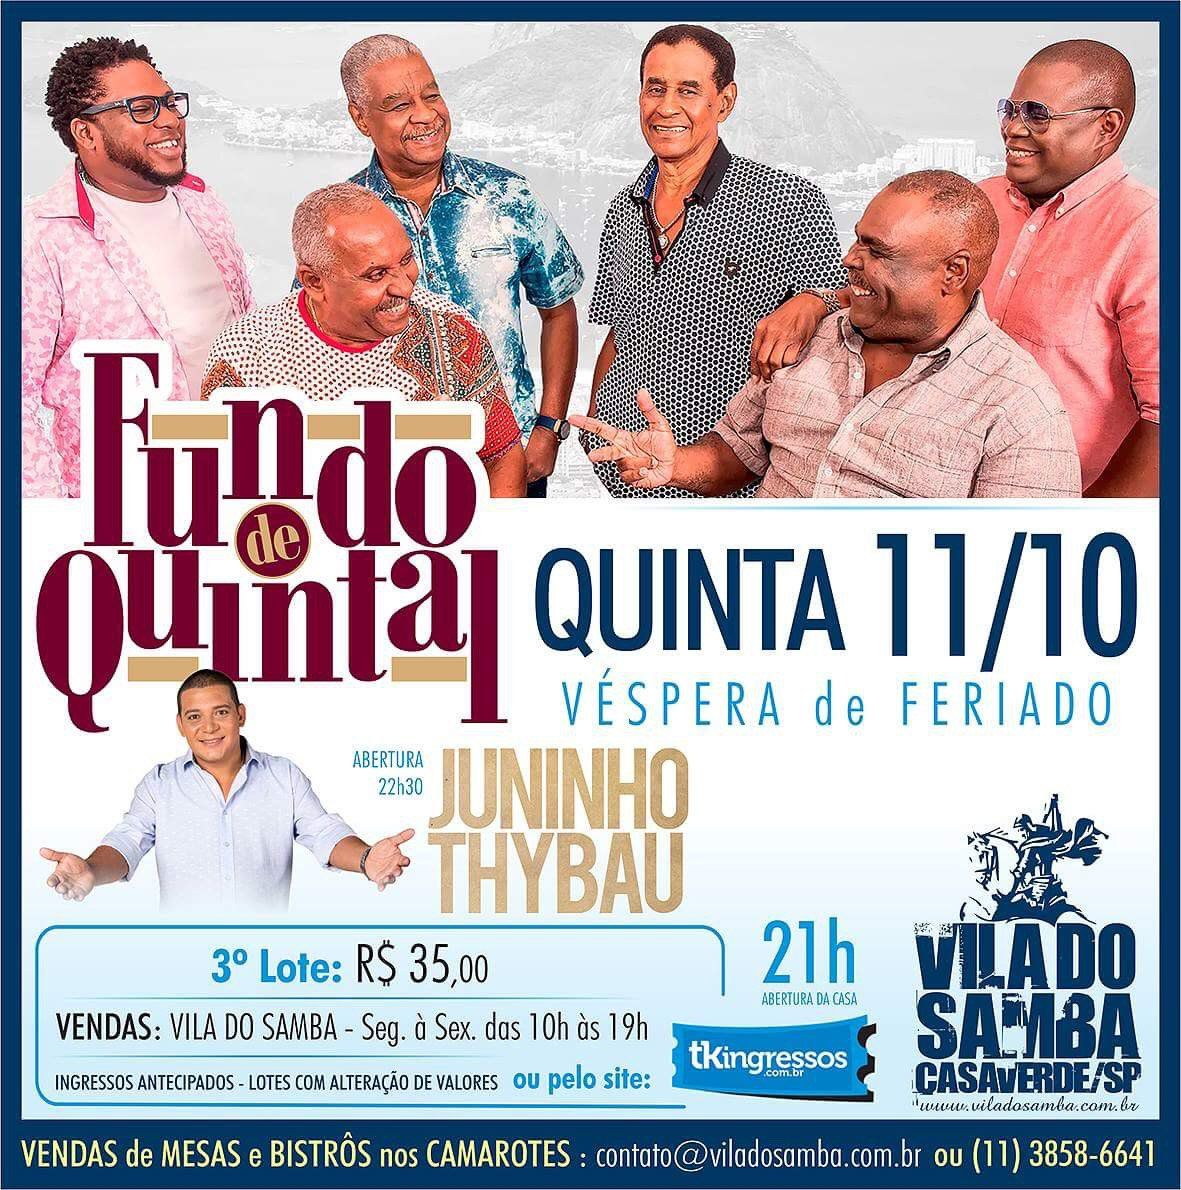 Fundo de Quintal - Vila do Samba - 11/10/18 - São Paulo - SP